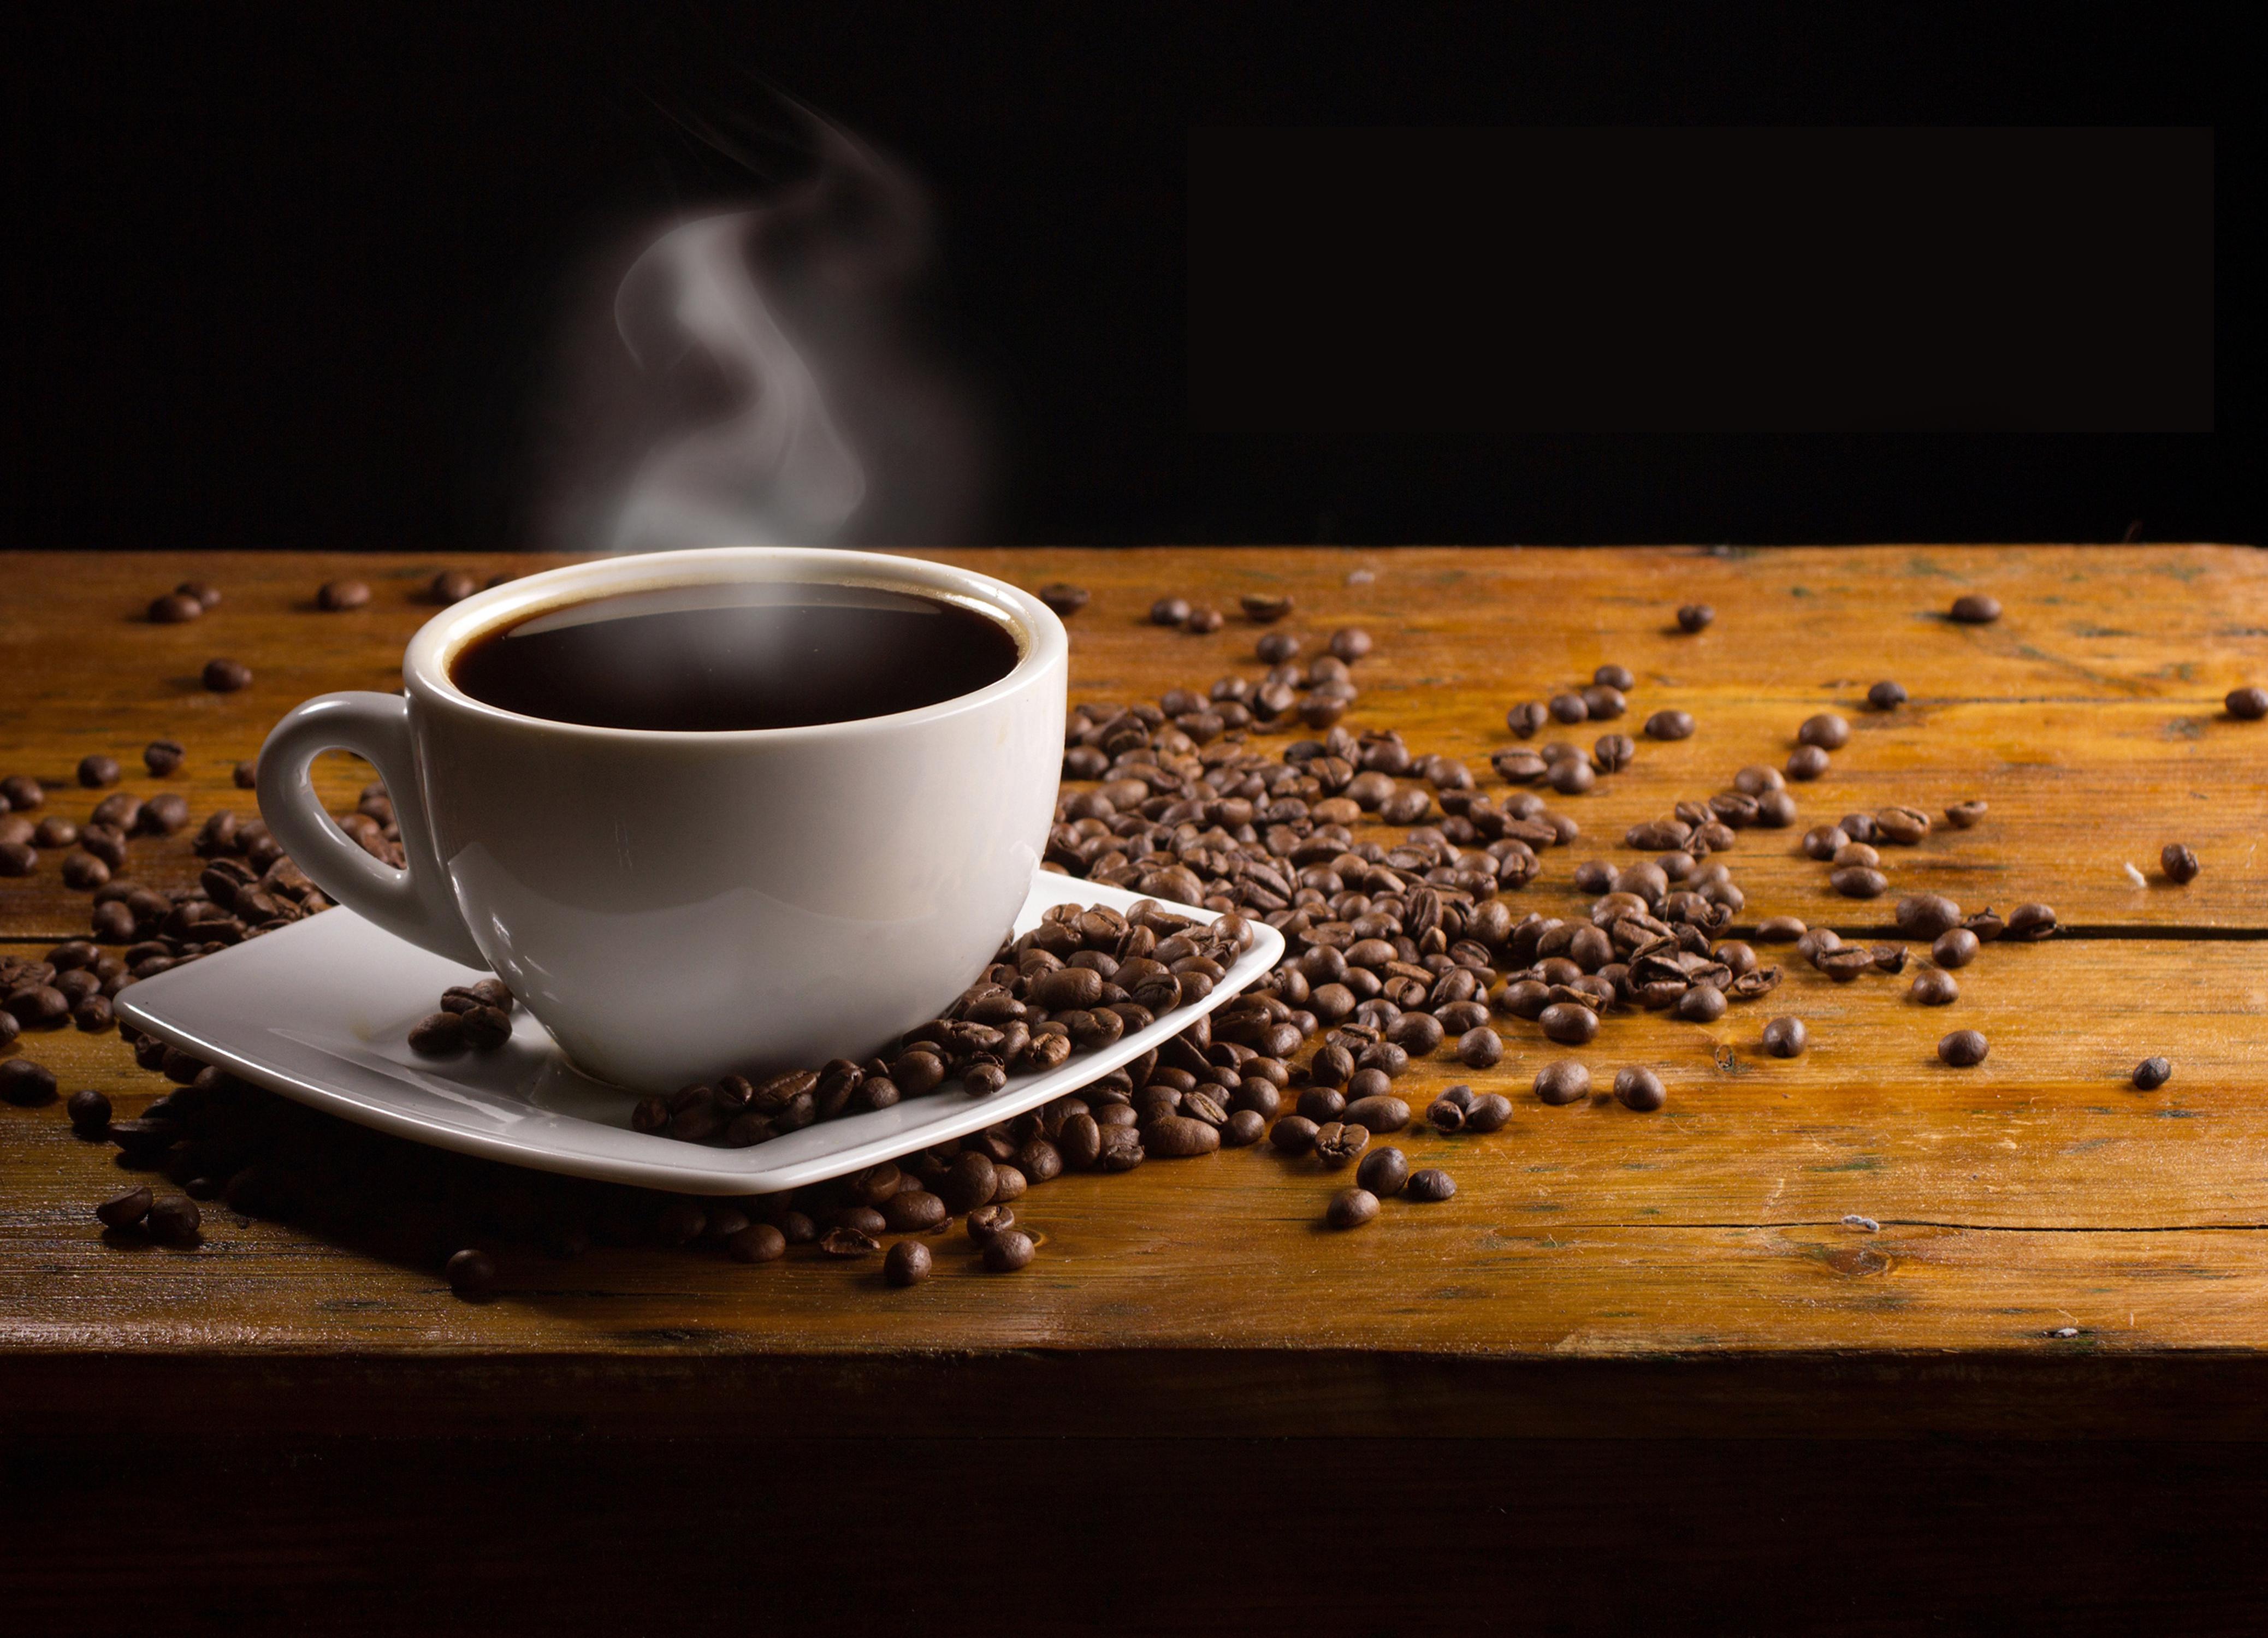 Coffee Computer Wallpapers, Desktop Backgrounds